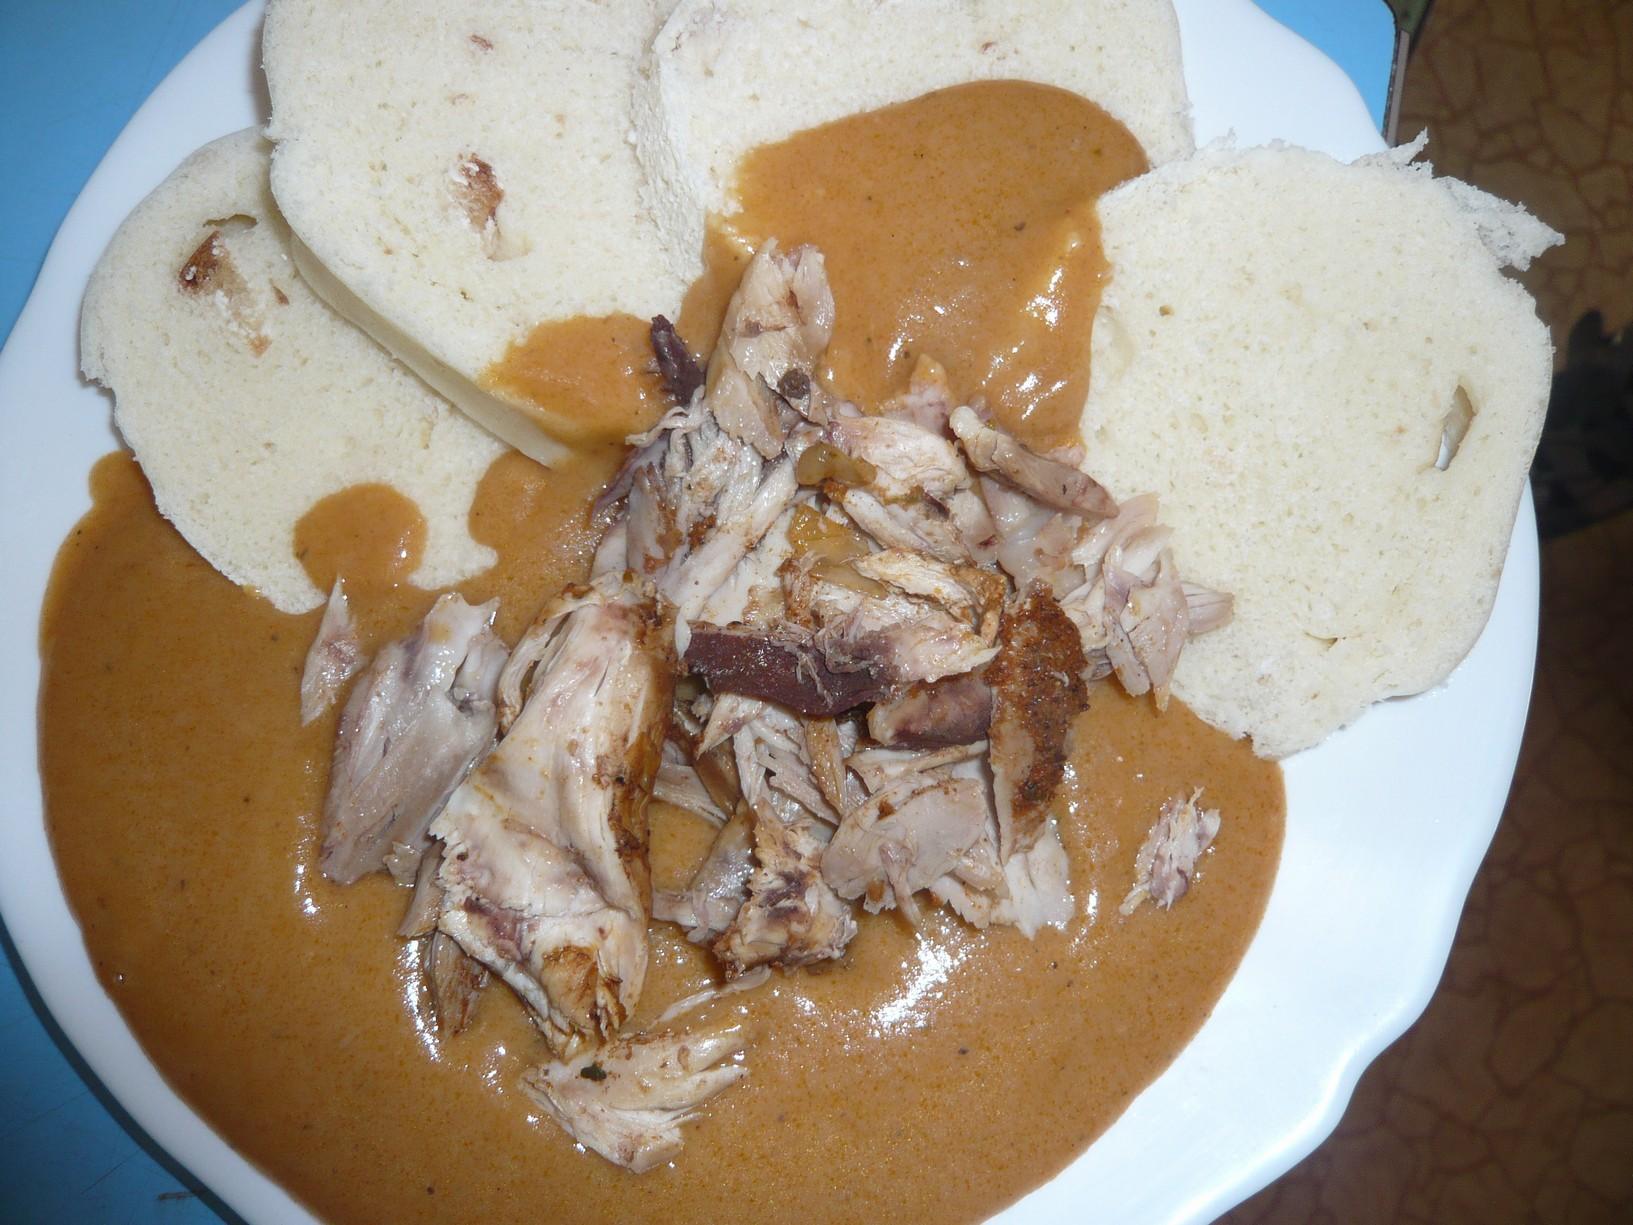 Recept Naše kuře na paprice - Kuře na paprice s knedlíkem.